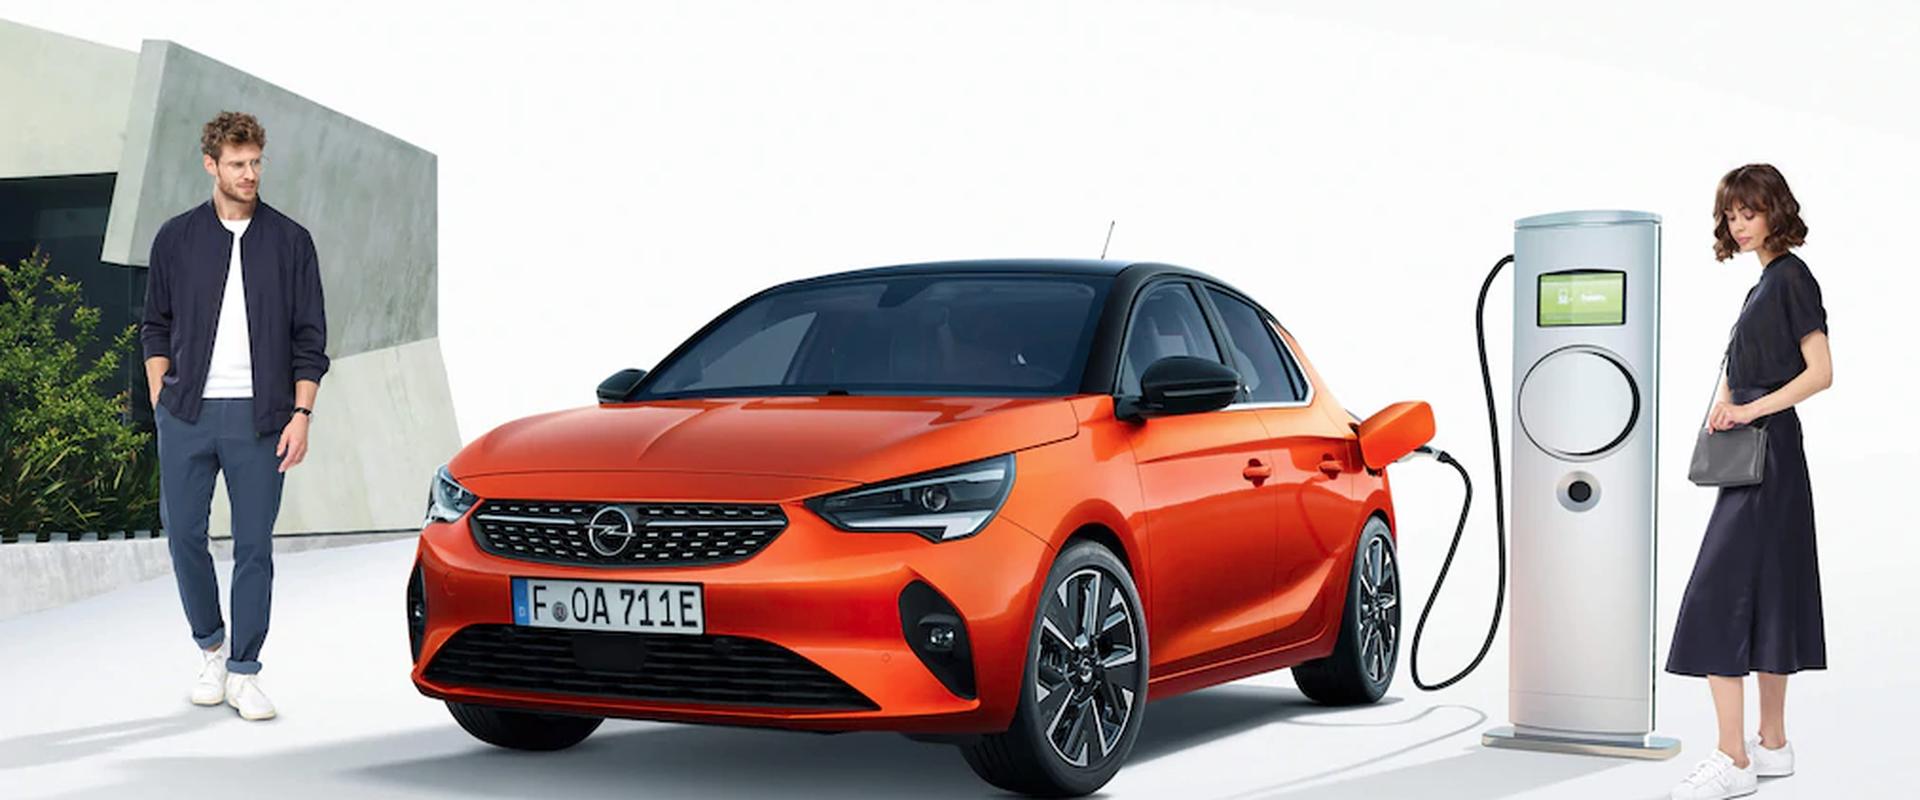 Az Opel Corsa-e úttörő szerepben a hazai e-mobiltás terjesztésében